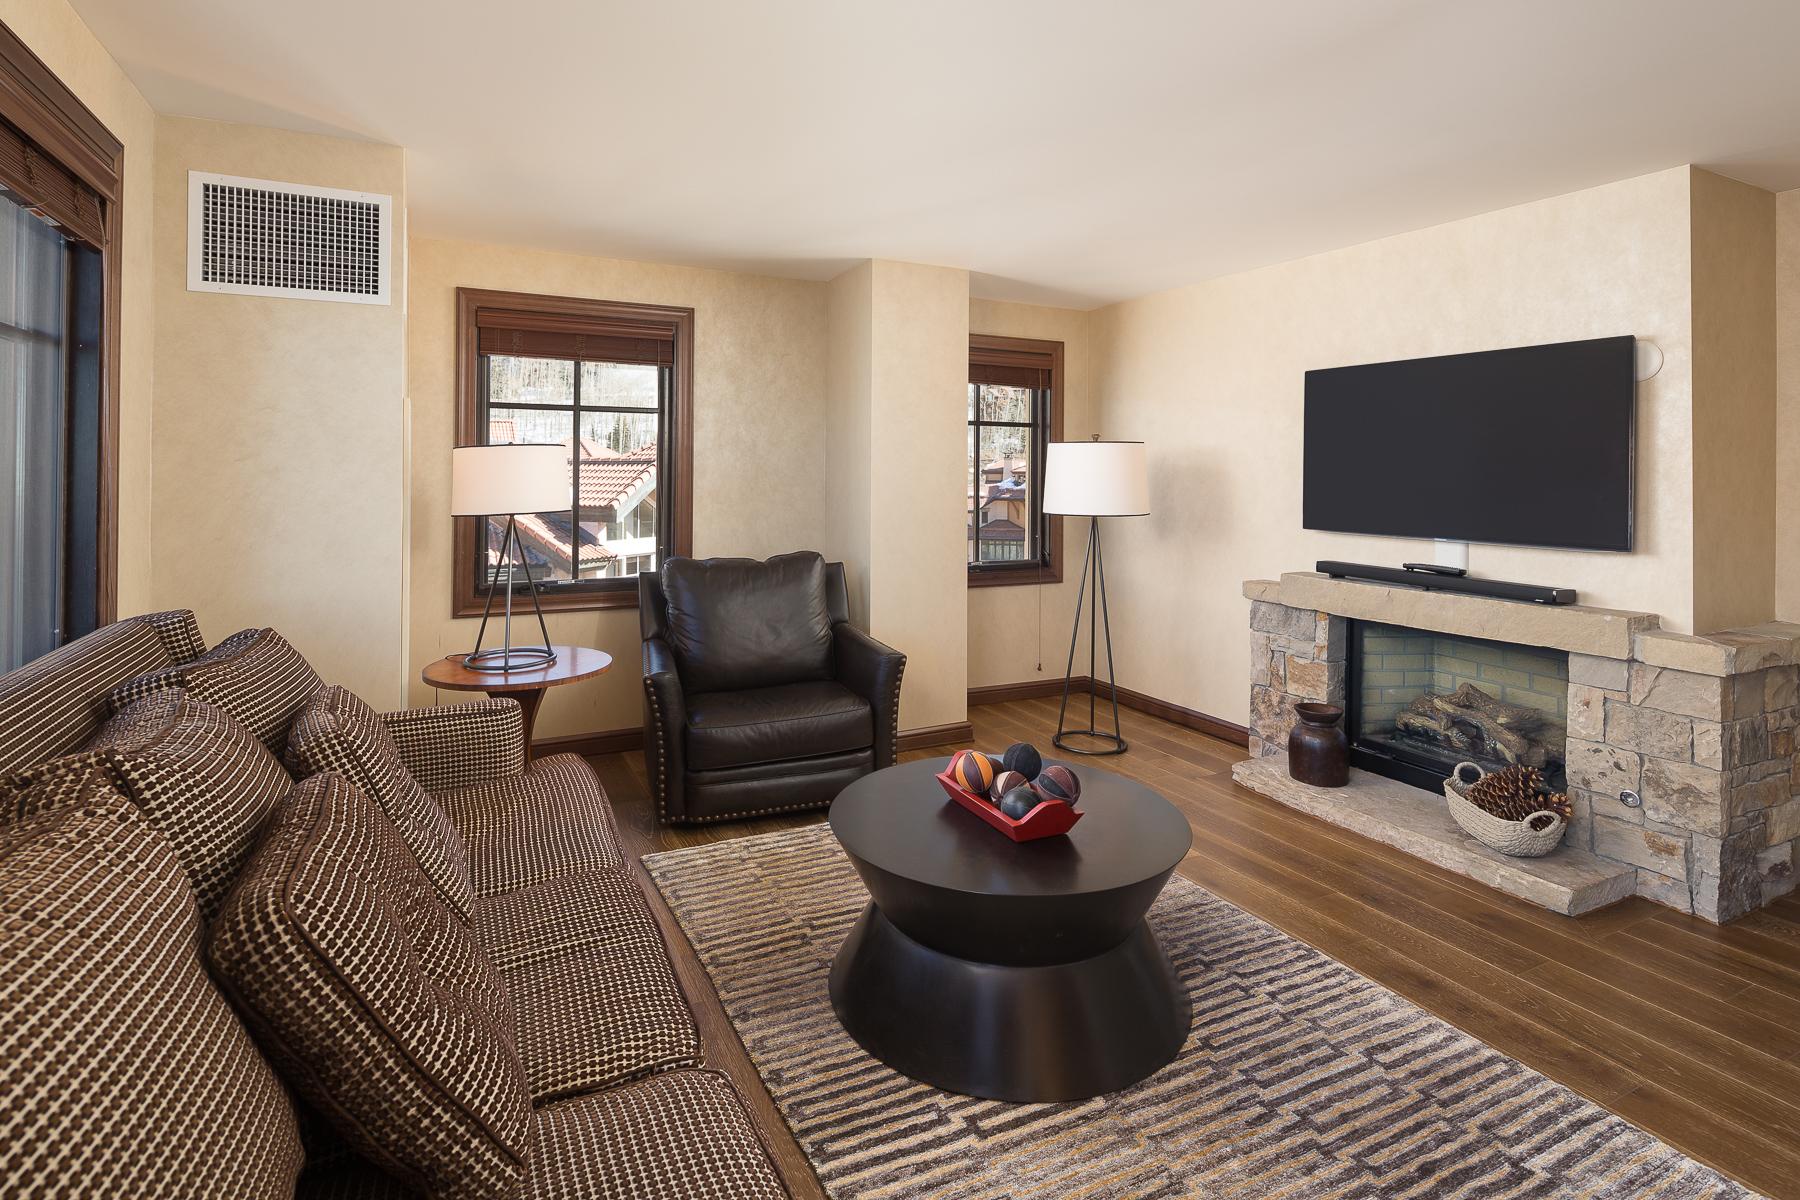 コンドミニアム のために 売買 アット Residence 617, Madeline Hotel & Residences 568 Mountain Village Boulevard, Residence 617 Telluride, コロラド 81435 アメリカ合衆国